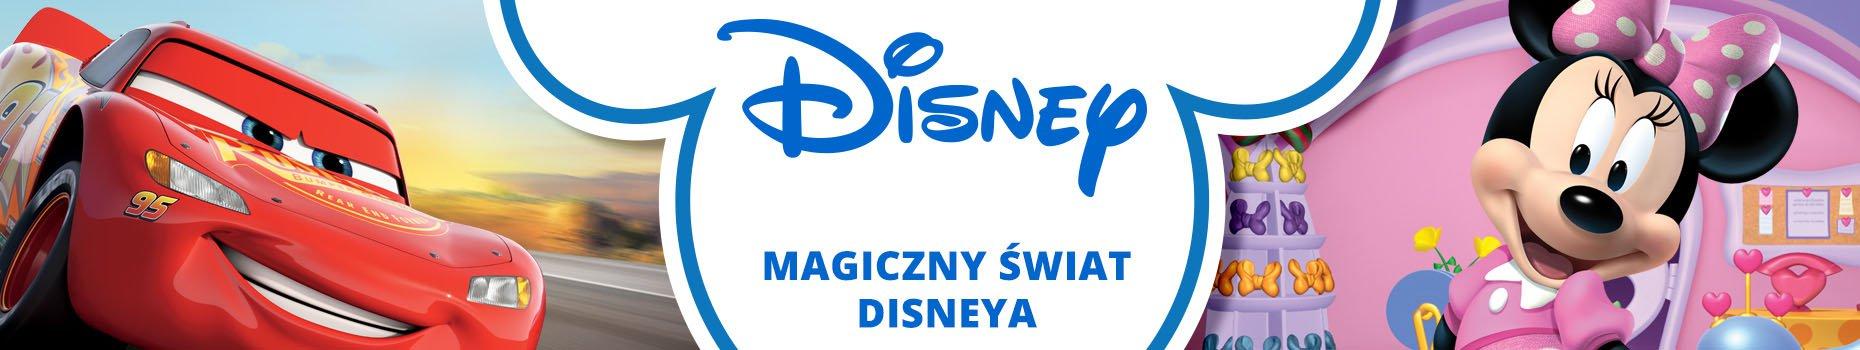 Strefa Disney